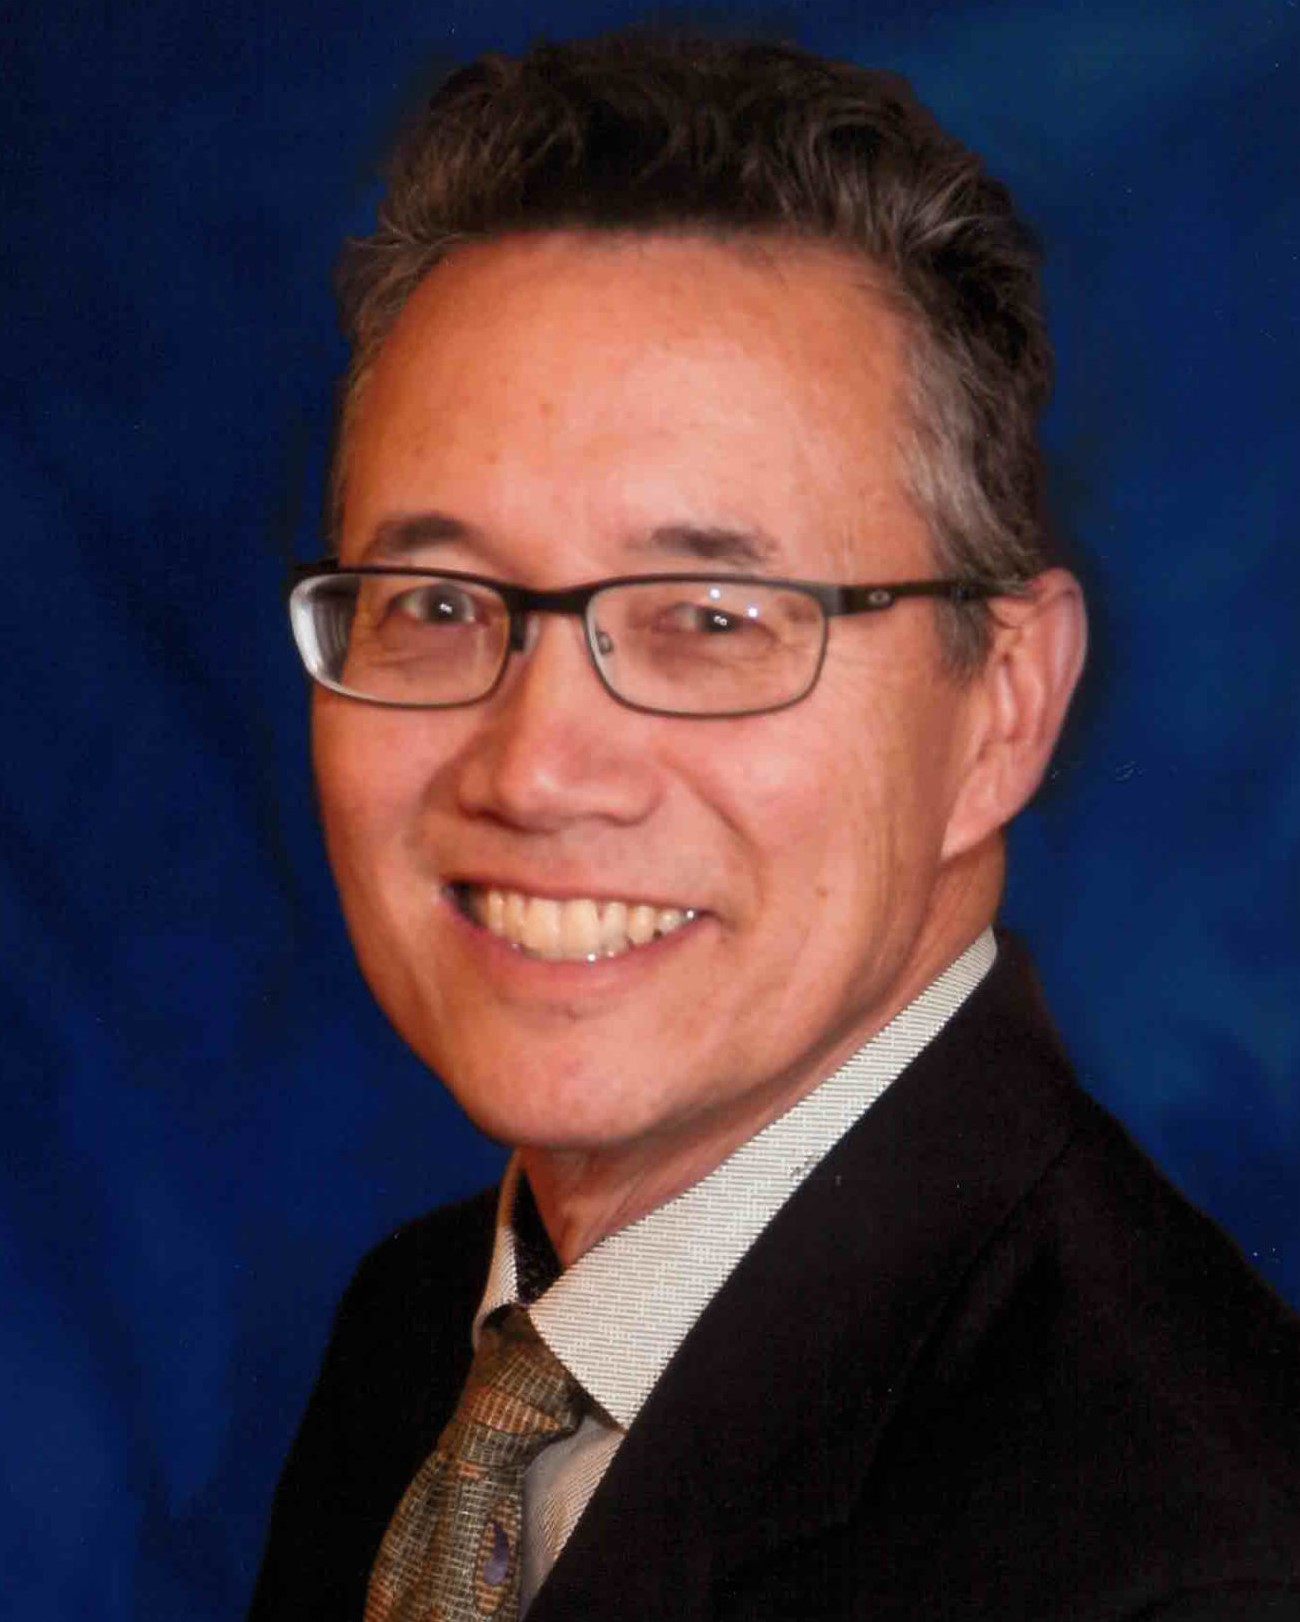 Alan Cukurs